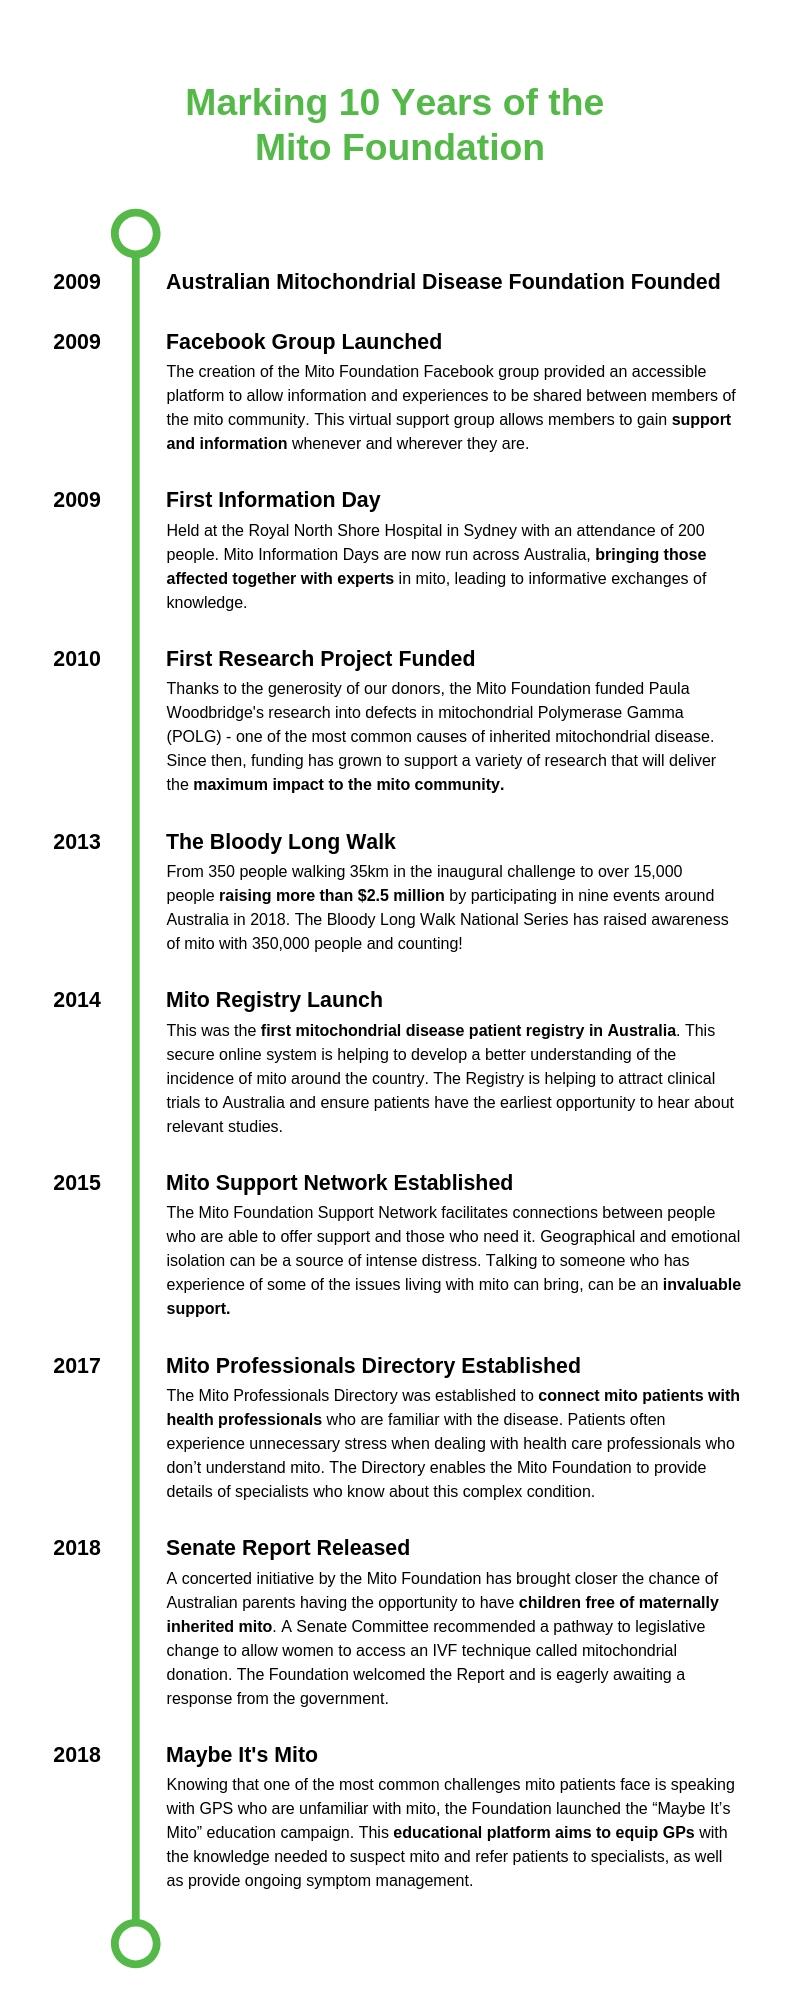 Mito Foundation 10th Anniversary